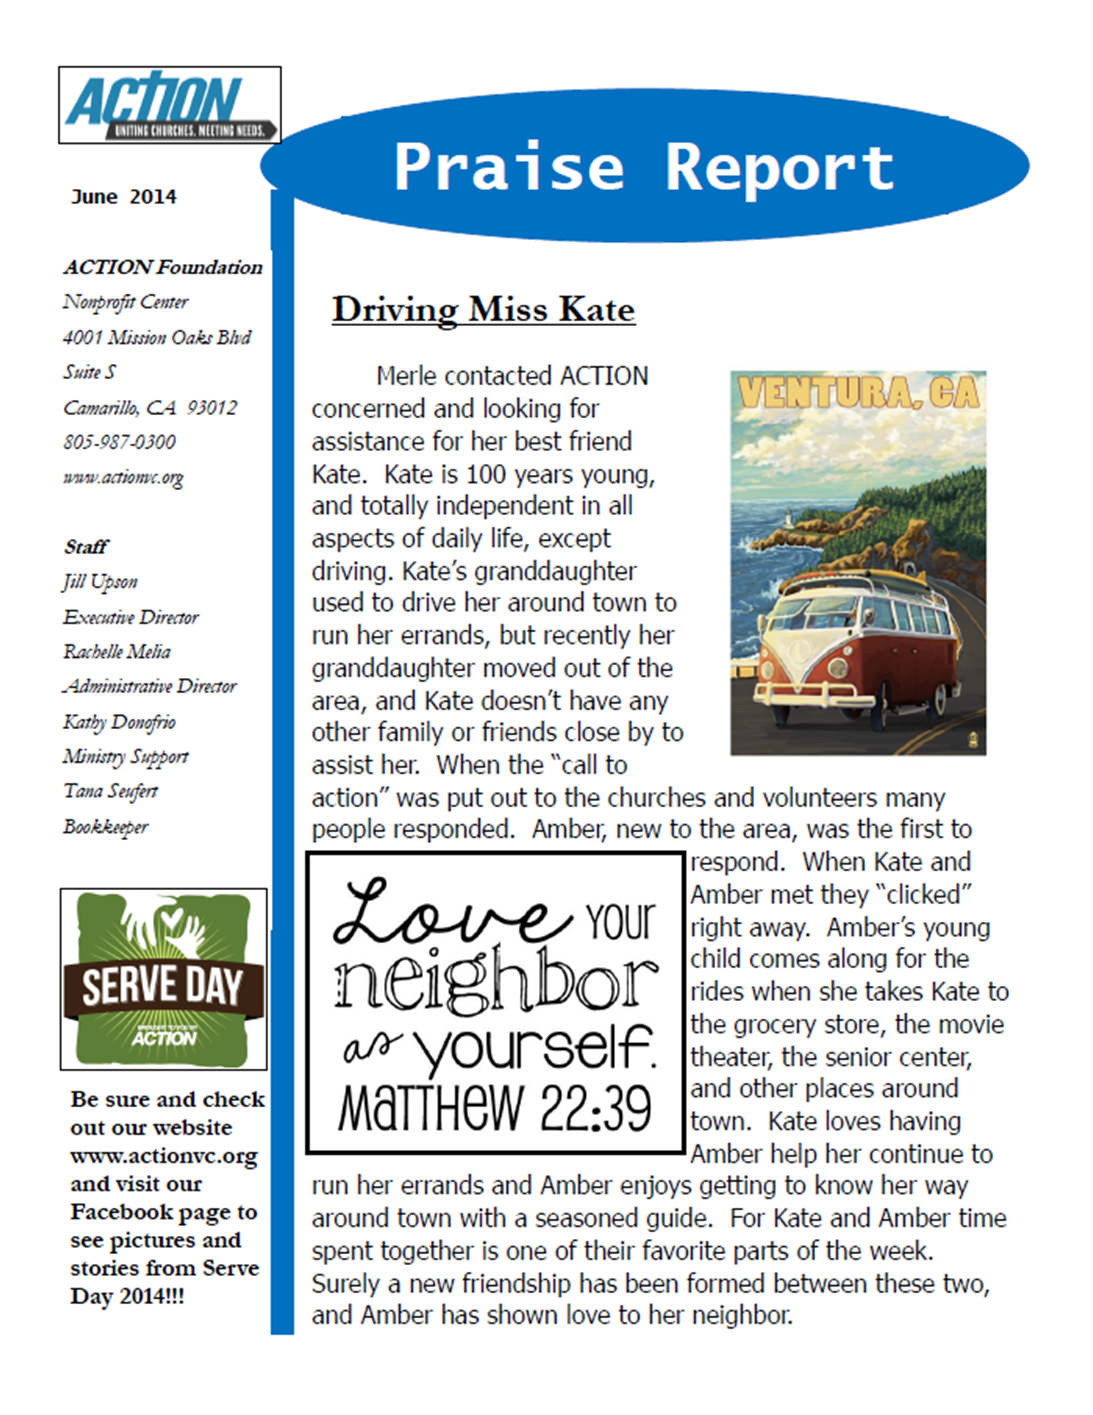 June 2014 Praise Report